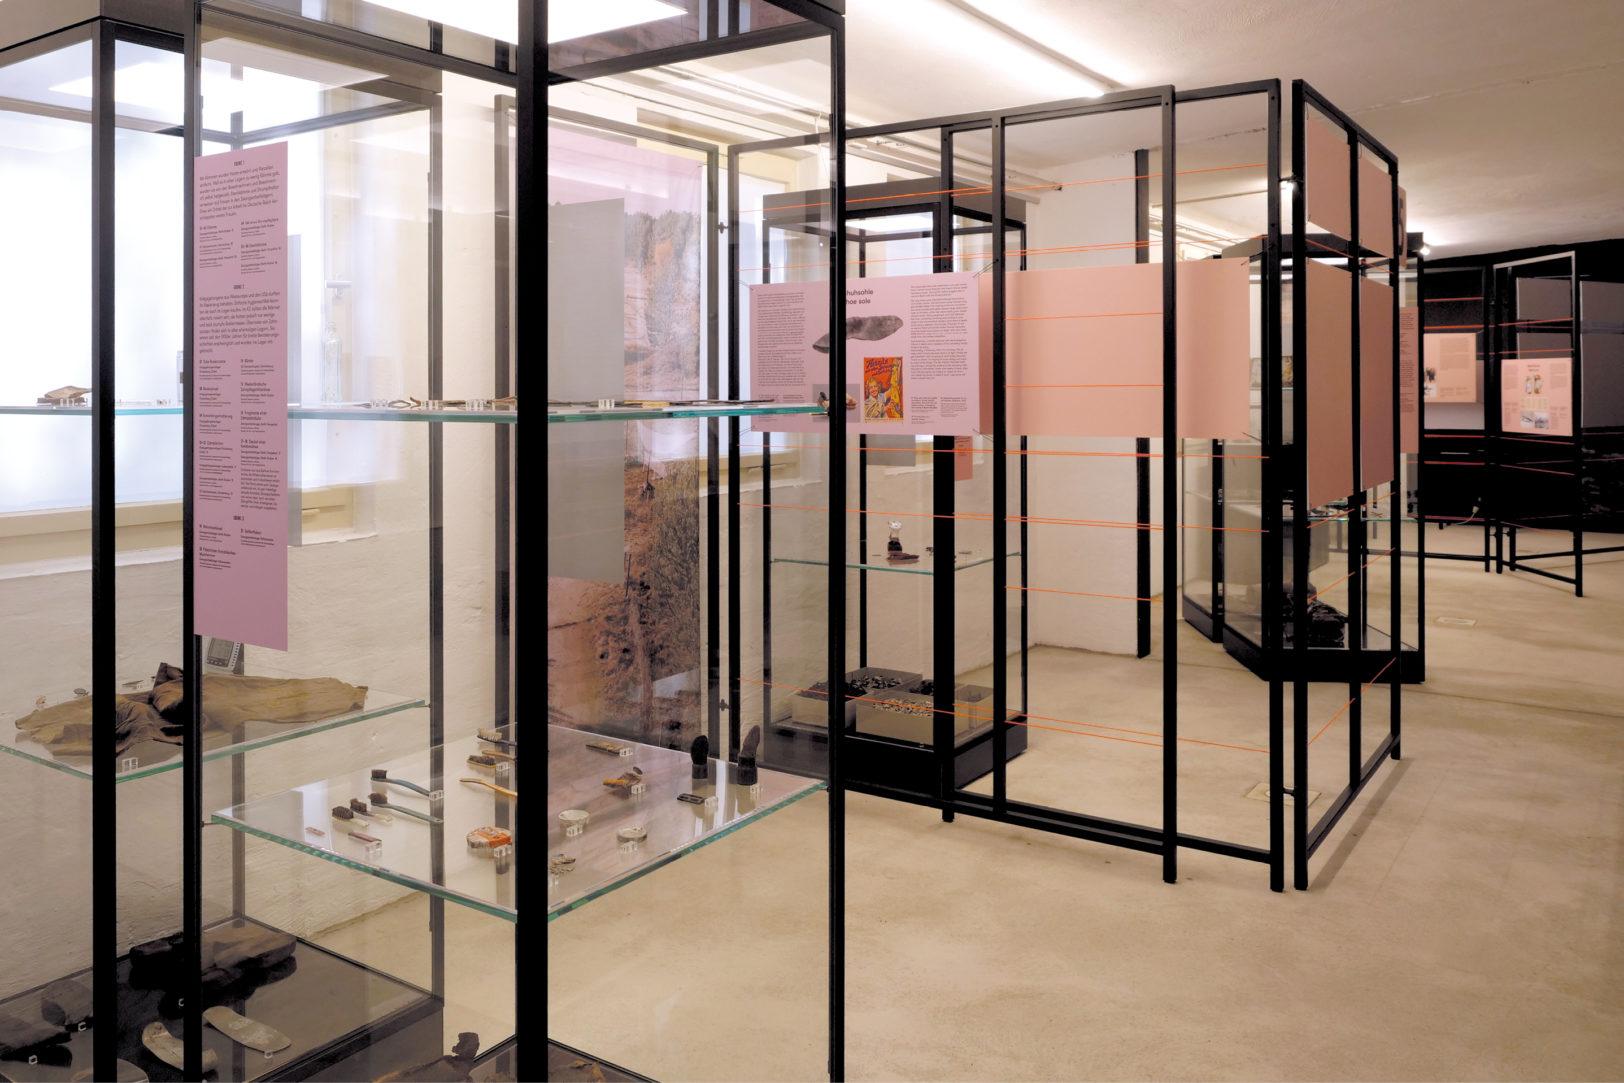 http://e-o-t.de/wordpress/wp-content/uploads/2020/04/Exhibition-Ausgeschlossen-eot-6.jpg